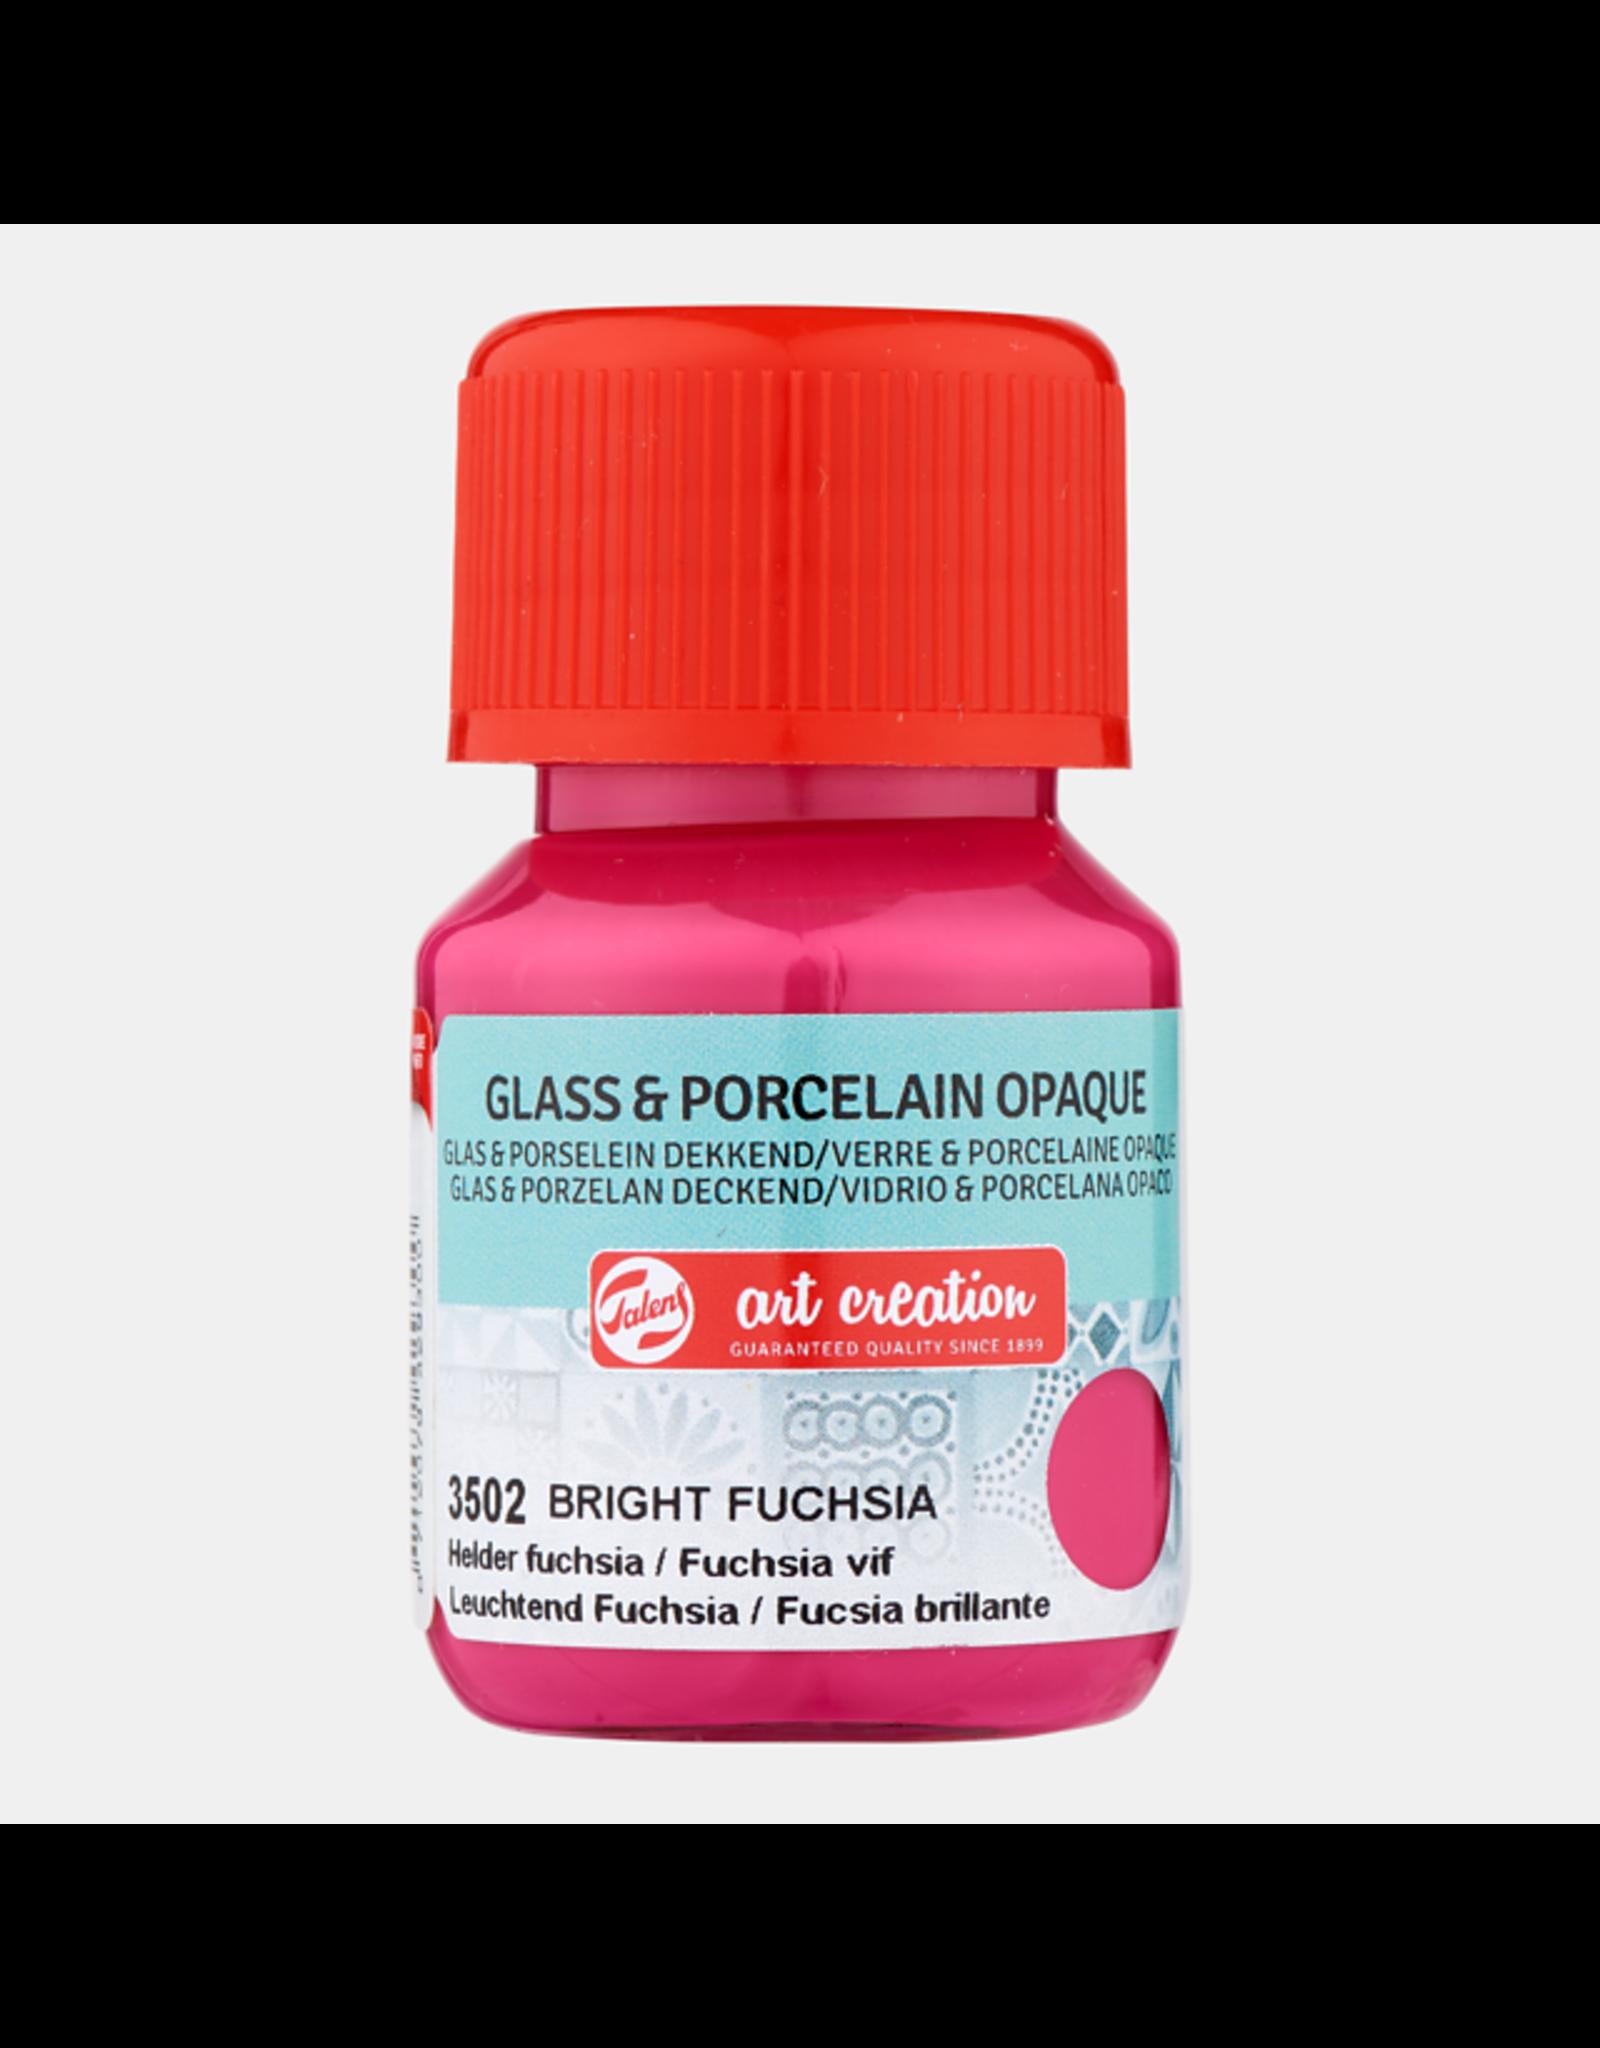 Art creation Helder fuchsia - Glass & Porcelain Opaque - 30 ml